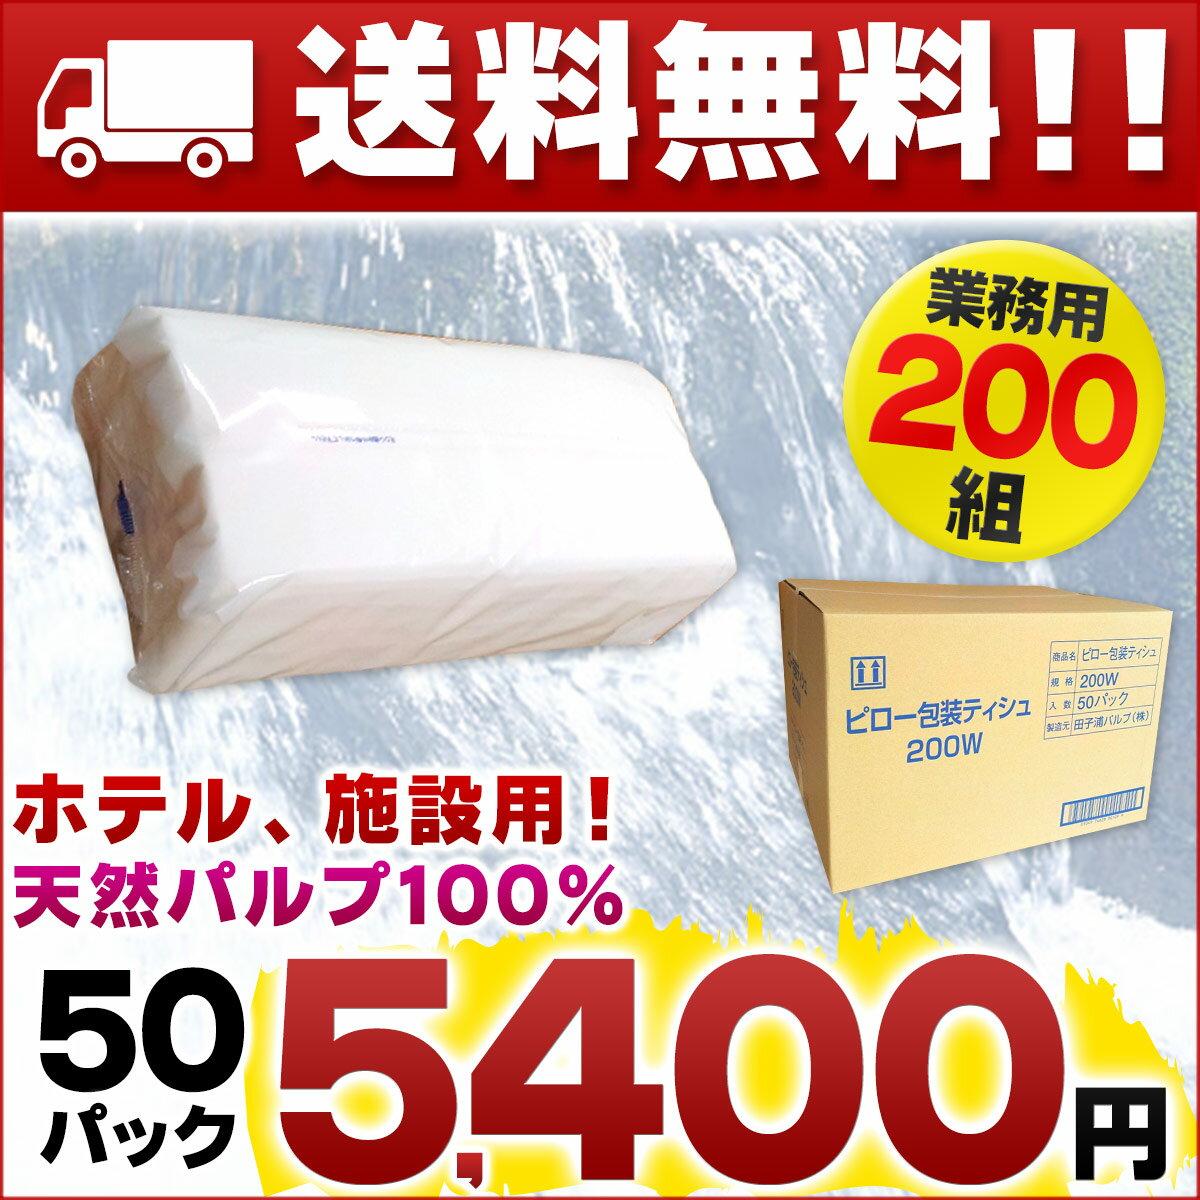 業務用 ティッシュペーパー 詰め替え用 200組 50パック 【田子浦パルプ 200W 1P×50】